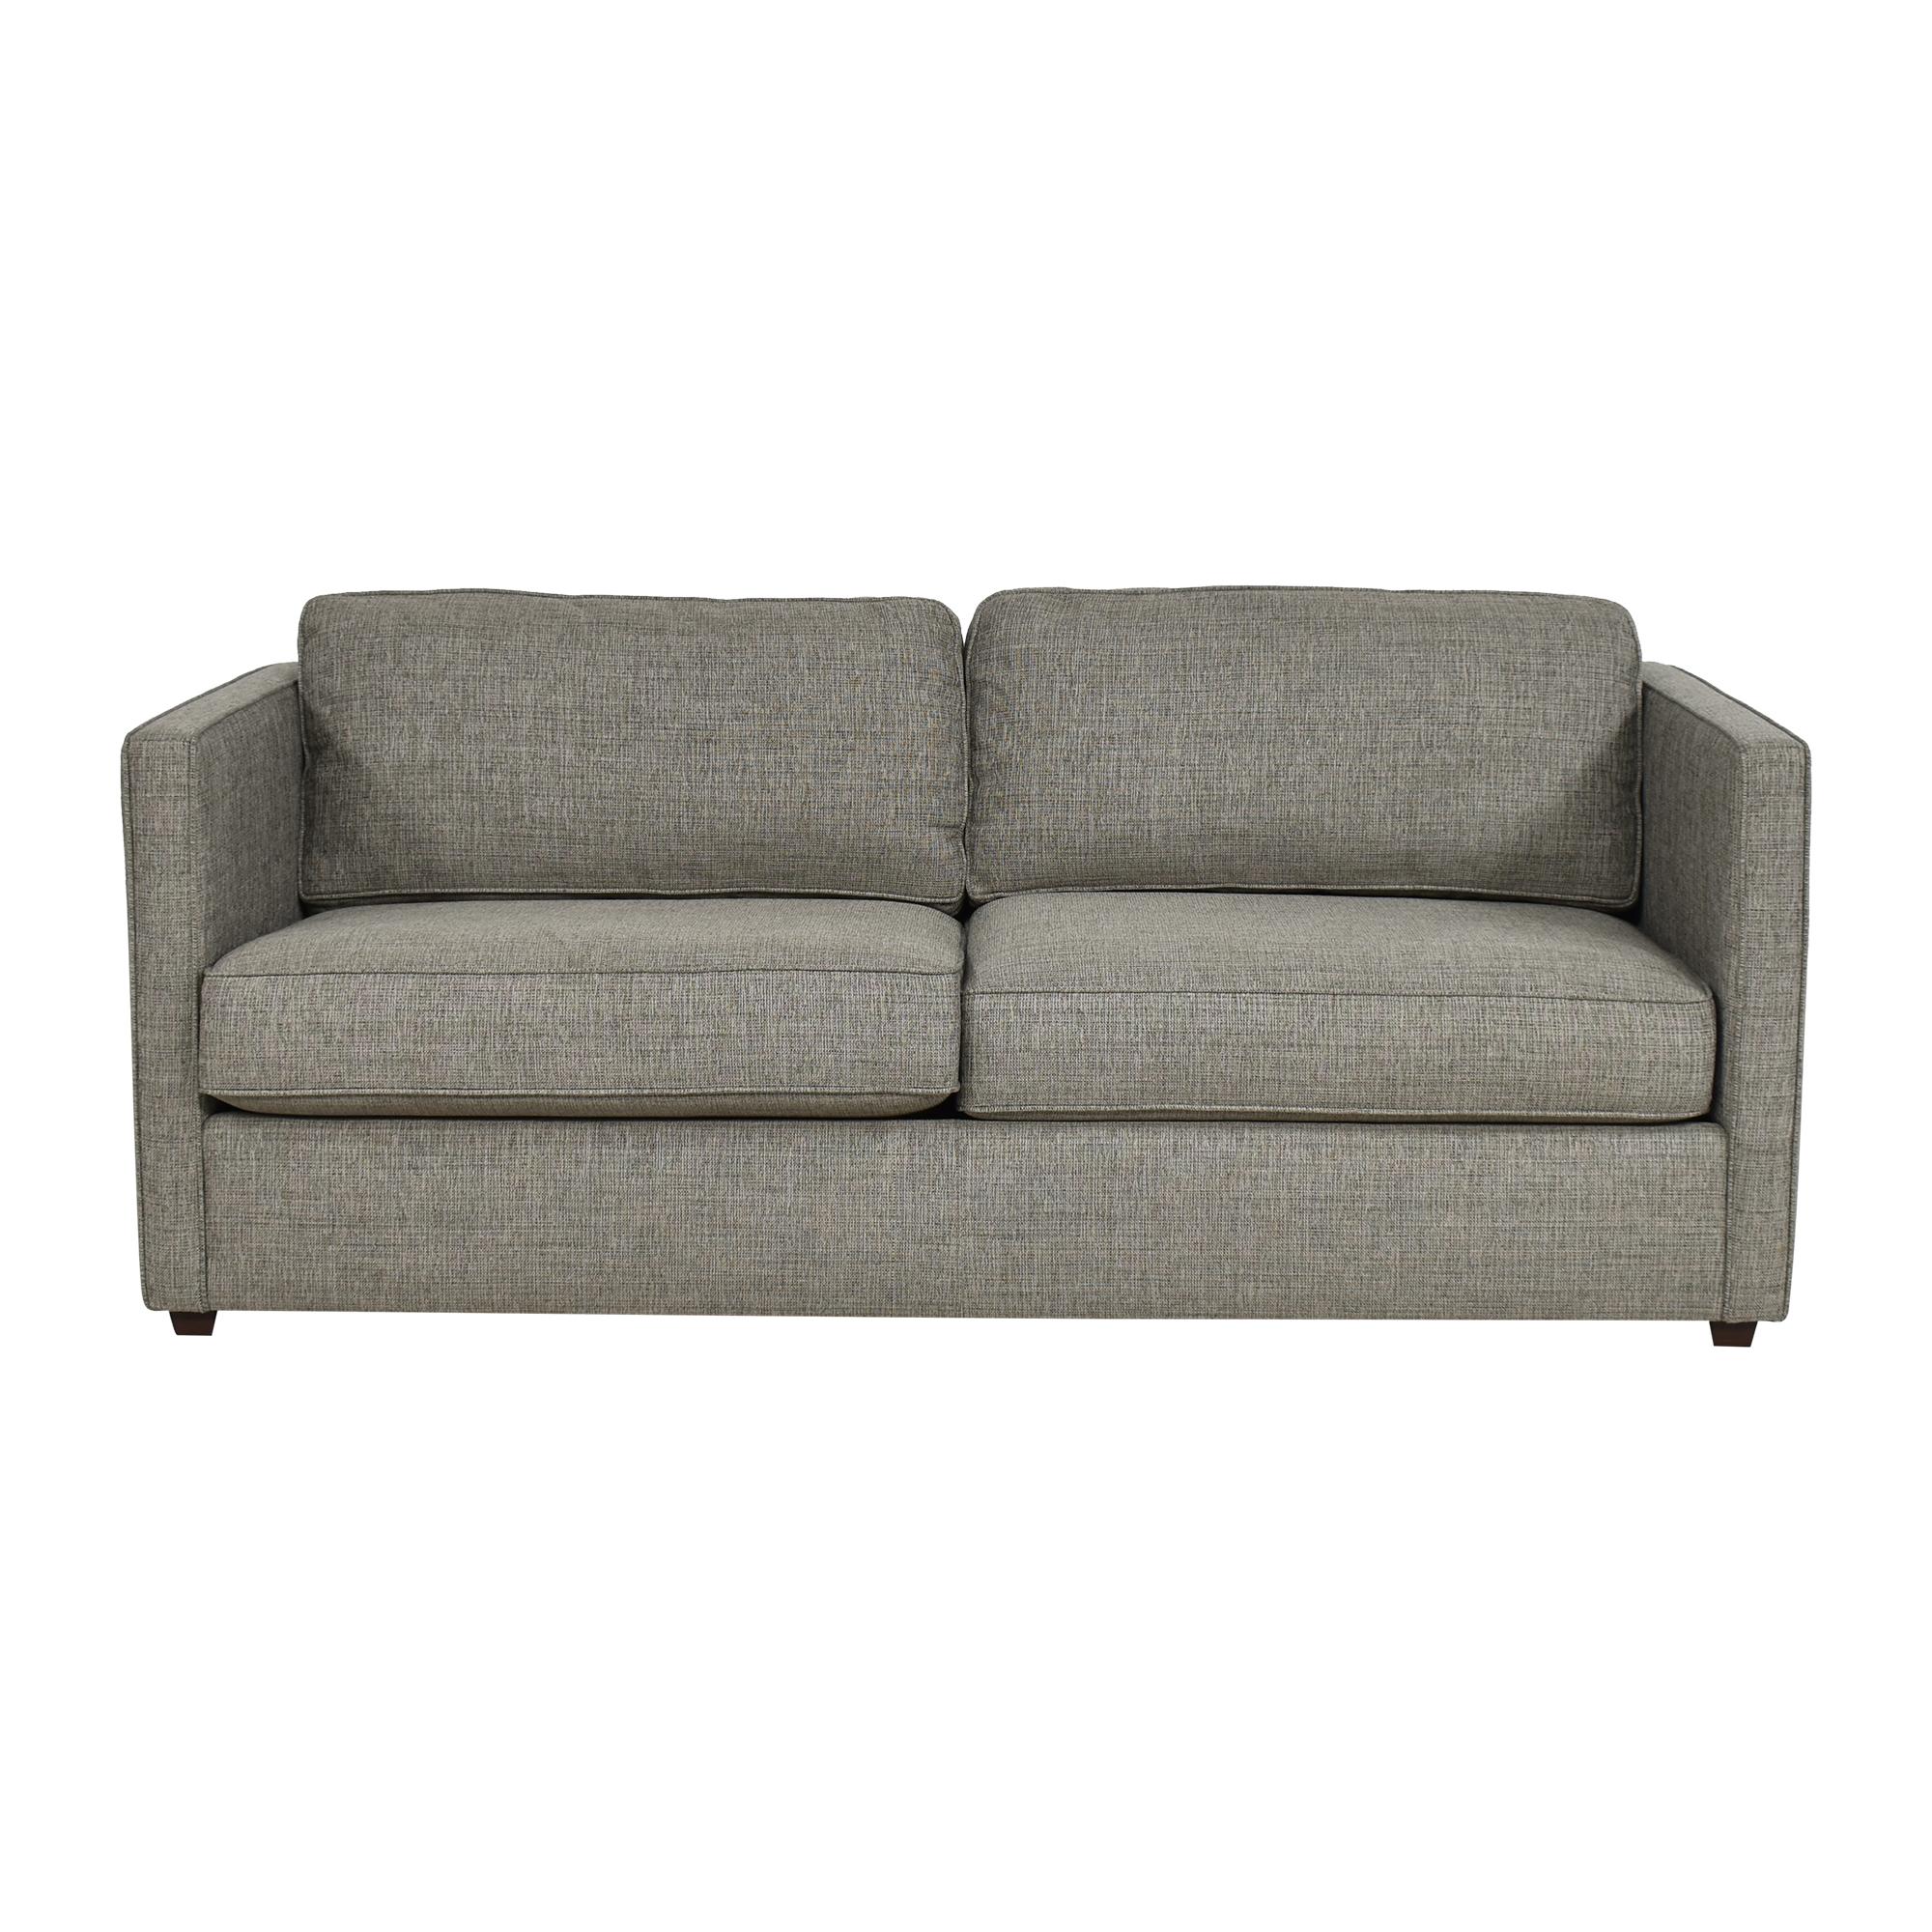 Room & Board Room & Board Watson Sofa Sofas